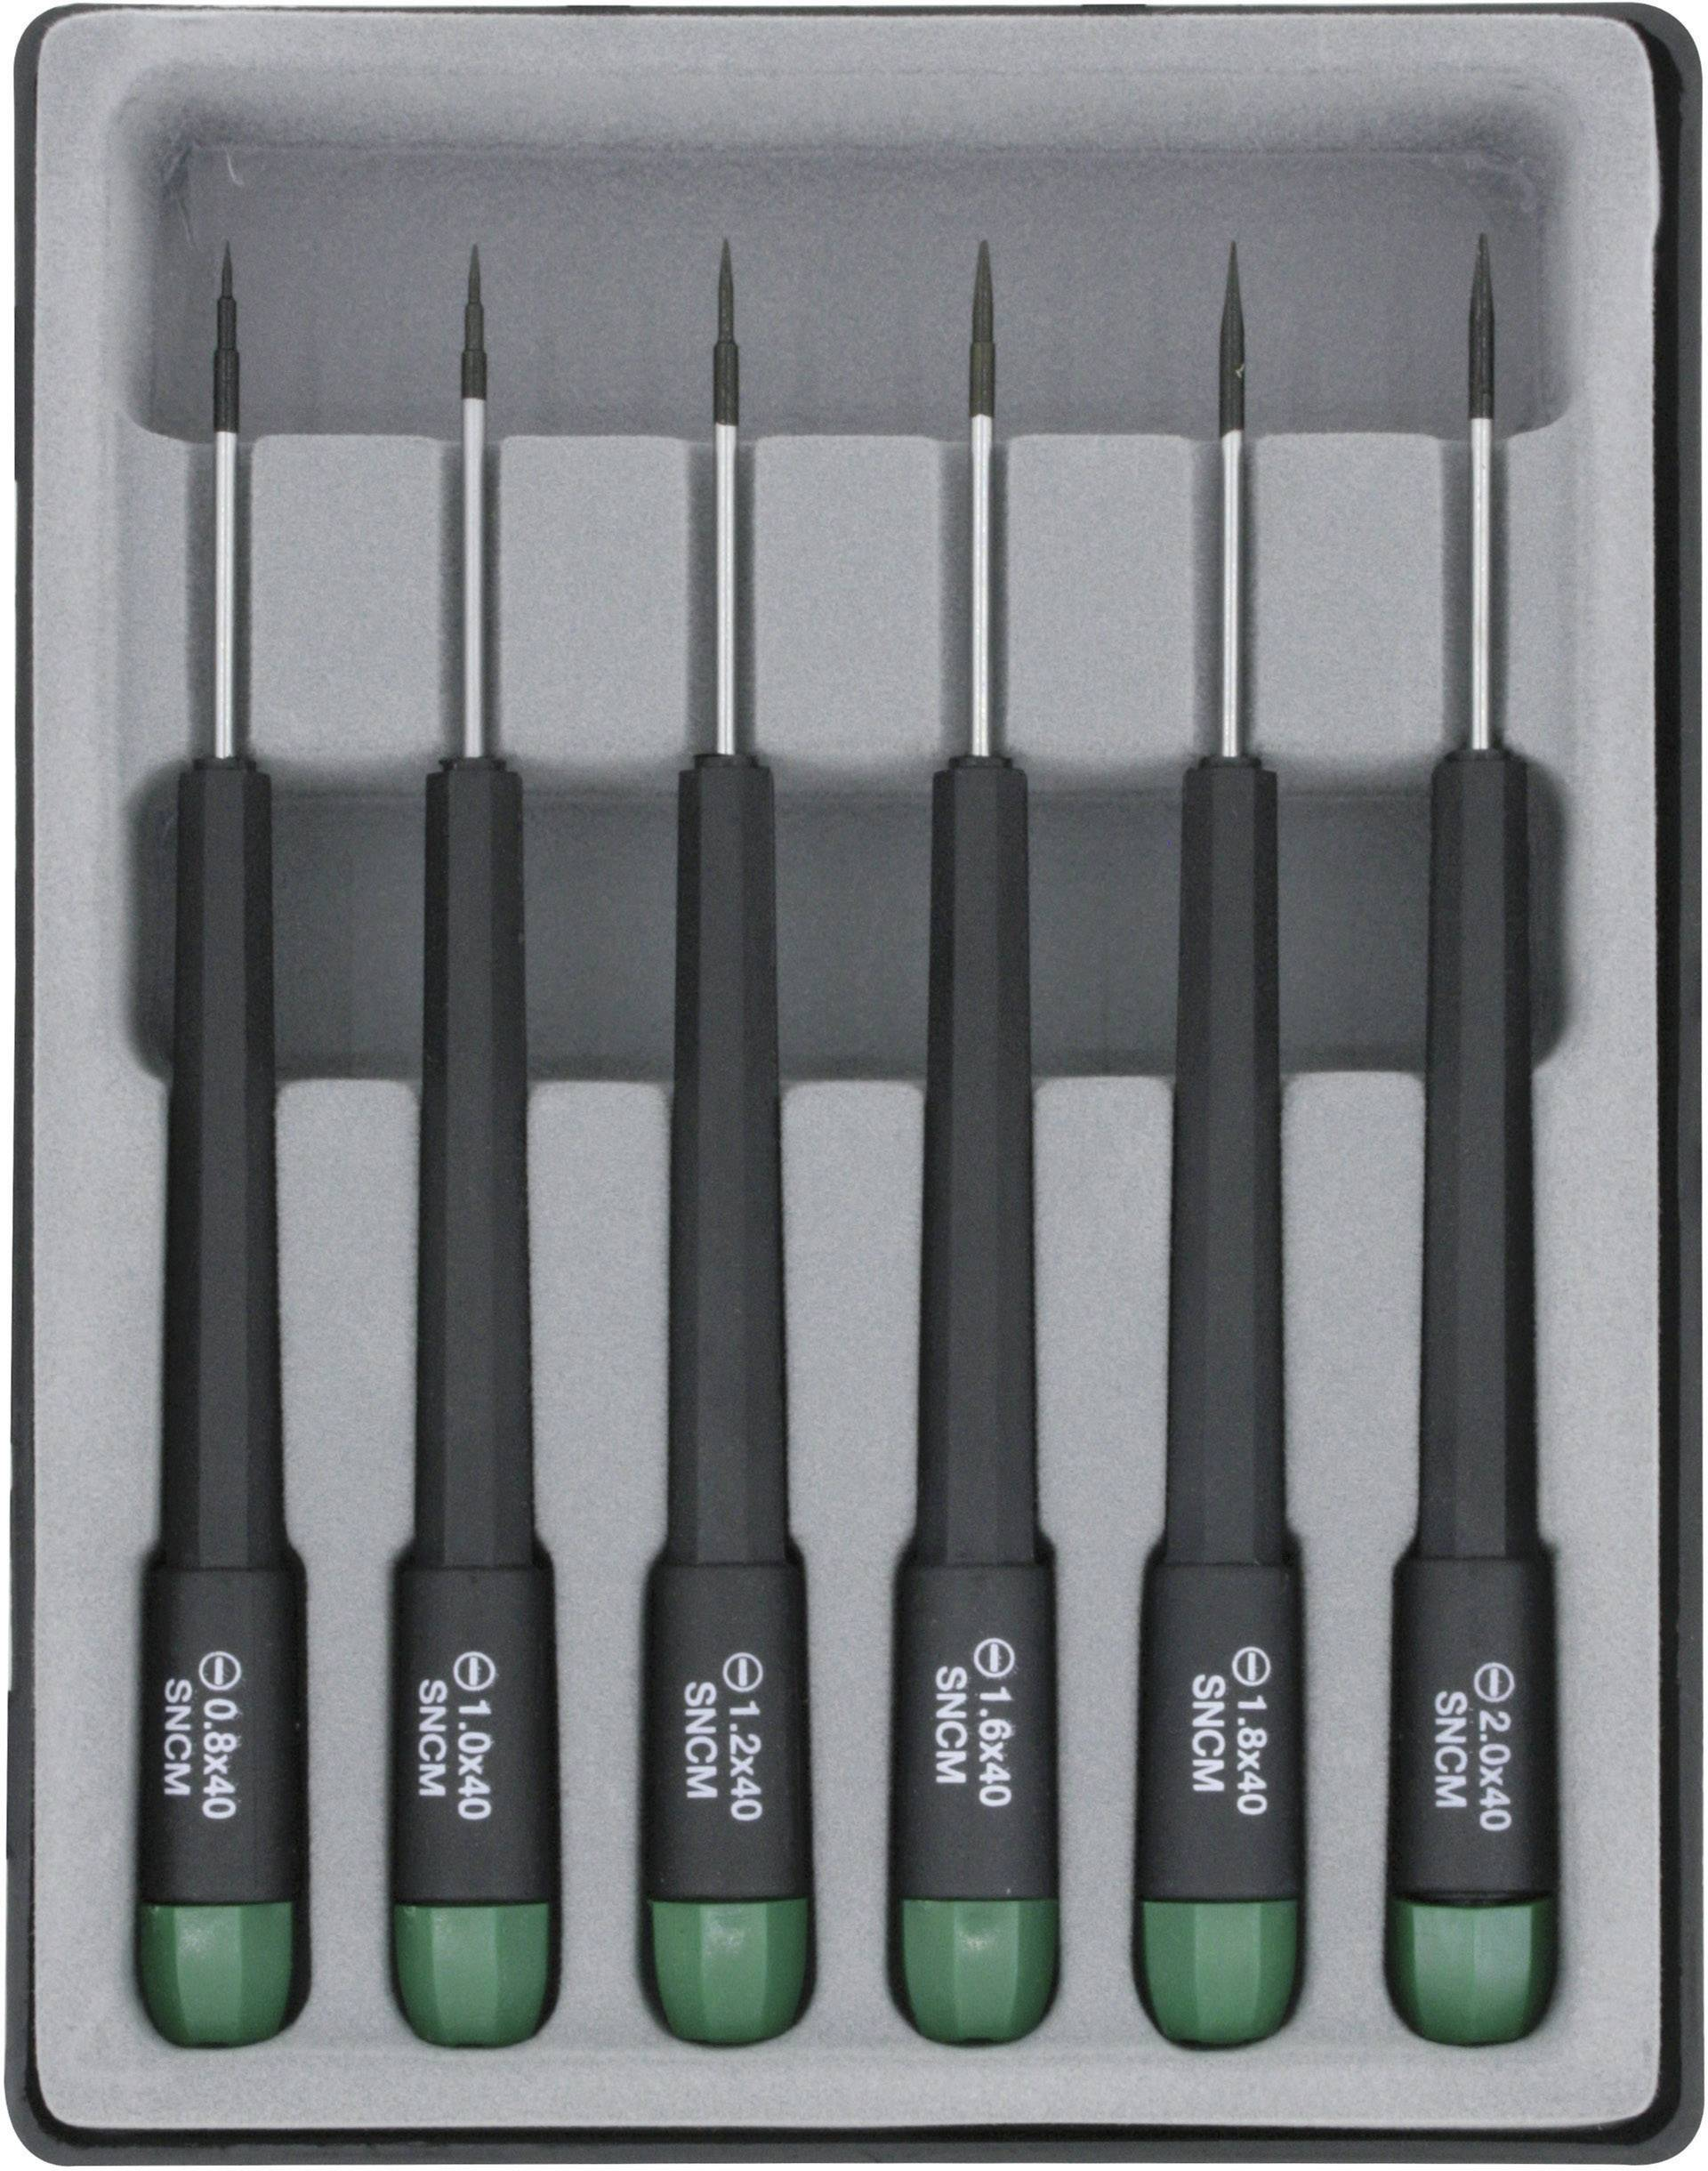 Súprava skrutkovačov pre elektroniku a jemnú mechaniku Donau Elektronik 280-60, 6-dielna